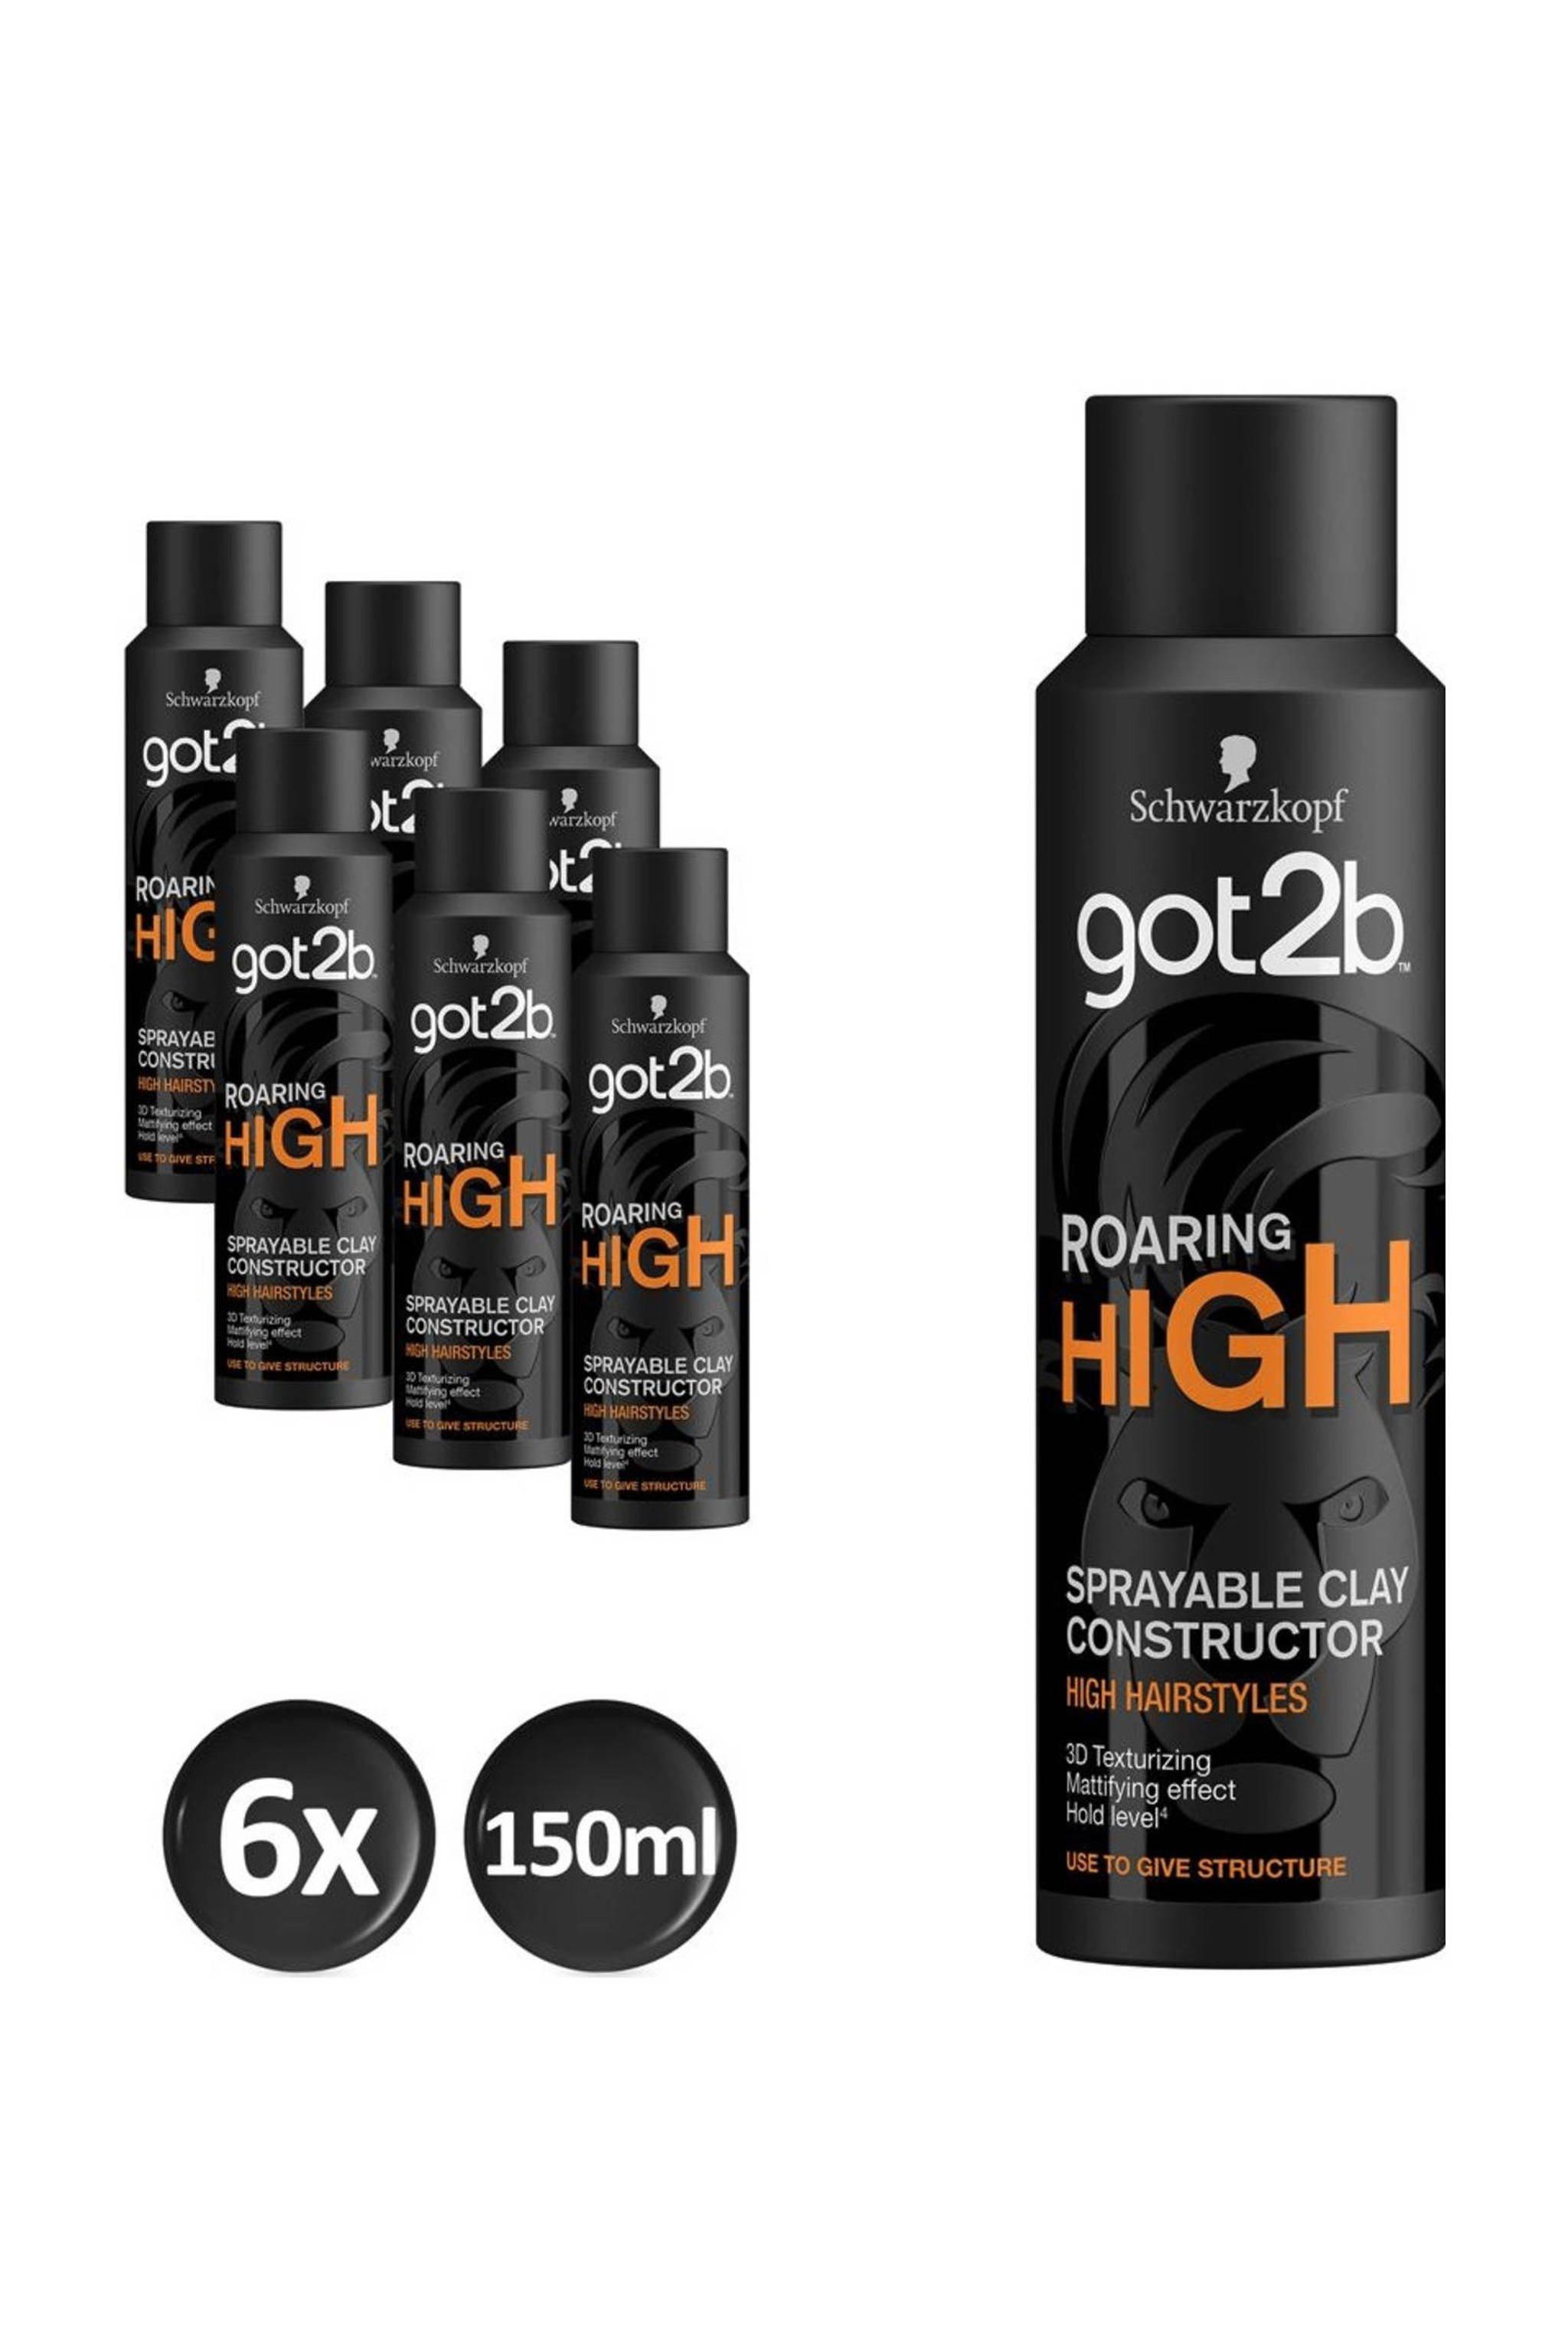 Schwarzkopf Roaring High High Spray Clay 6x150 ml voor €8,68 @ Wehkamp